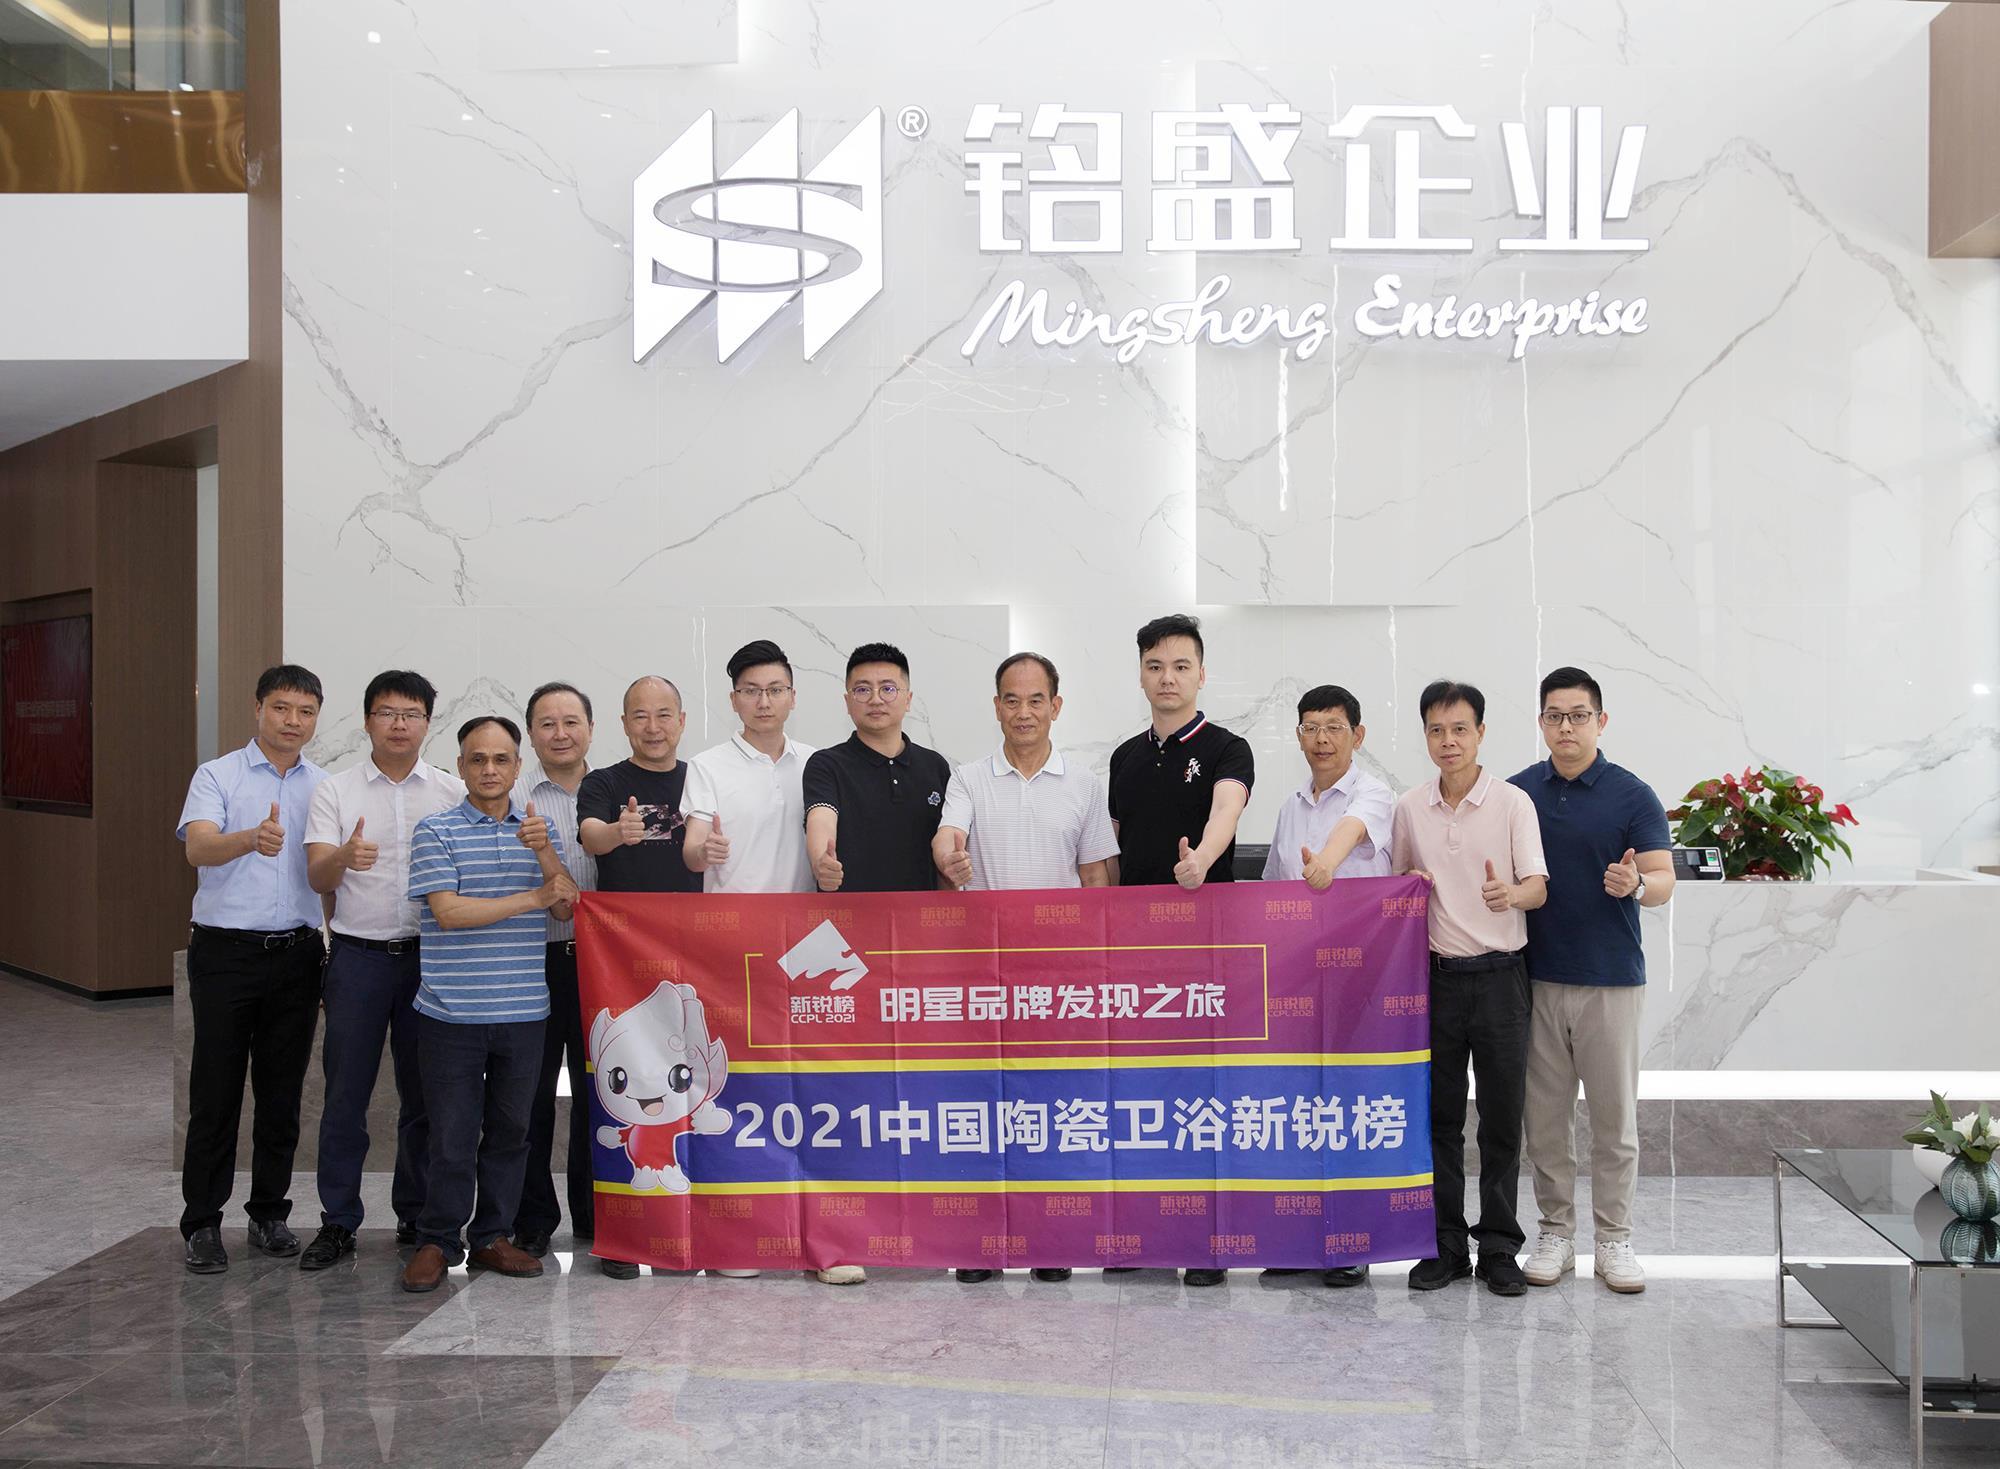 中国陶瓷行业新锐榜评选团莅临铭盛企业考察指导